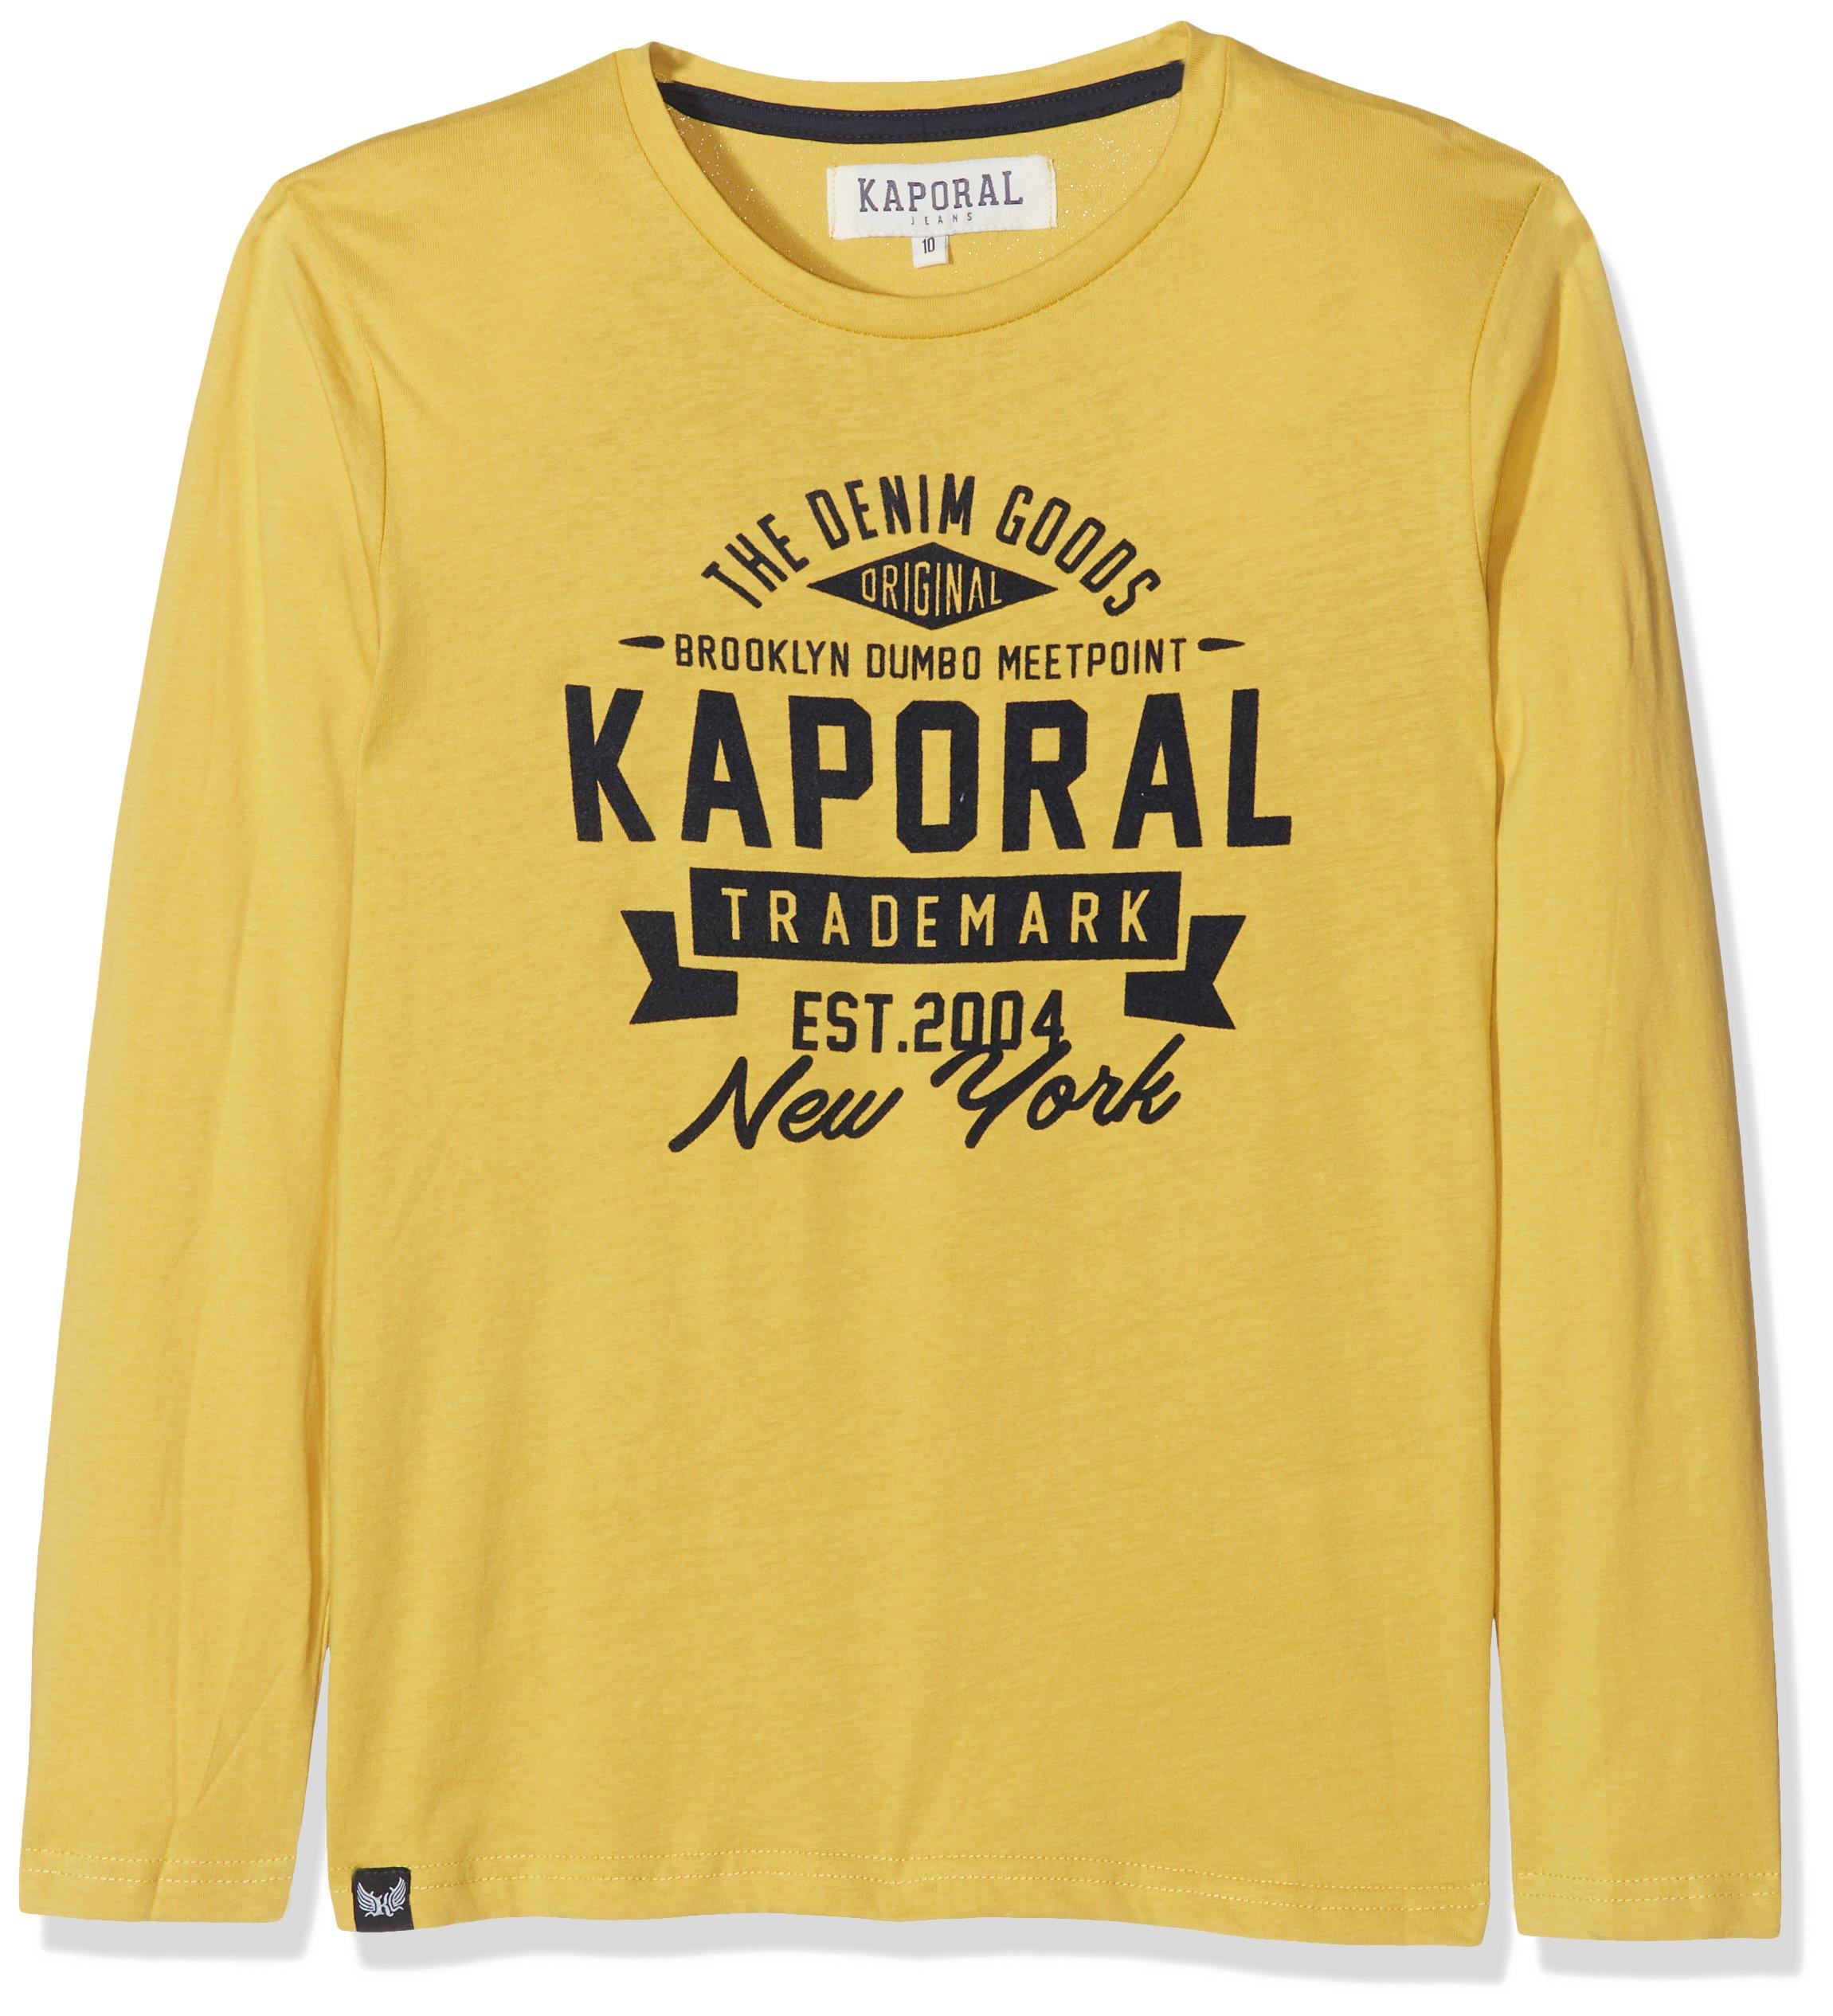 Garçon Kaporal Nodog T T Shirt Shirt Kaporal Garçon Nodog Kaporal Nodog fRqAOvRwx